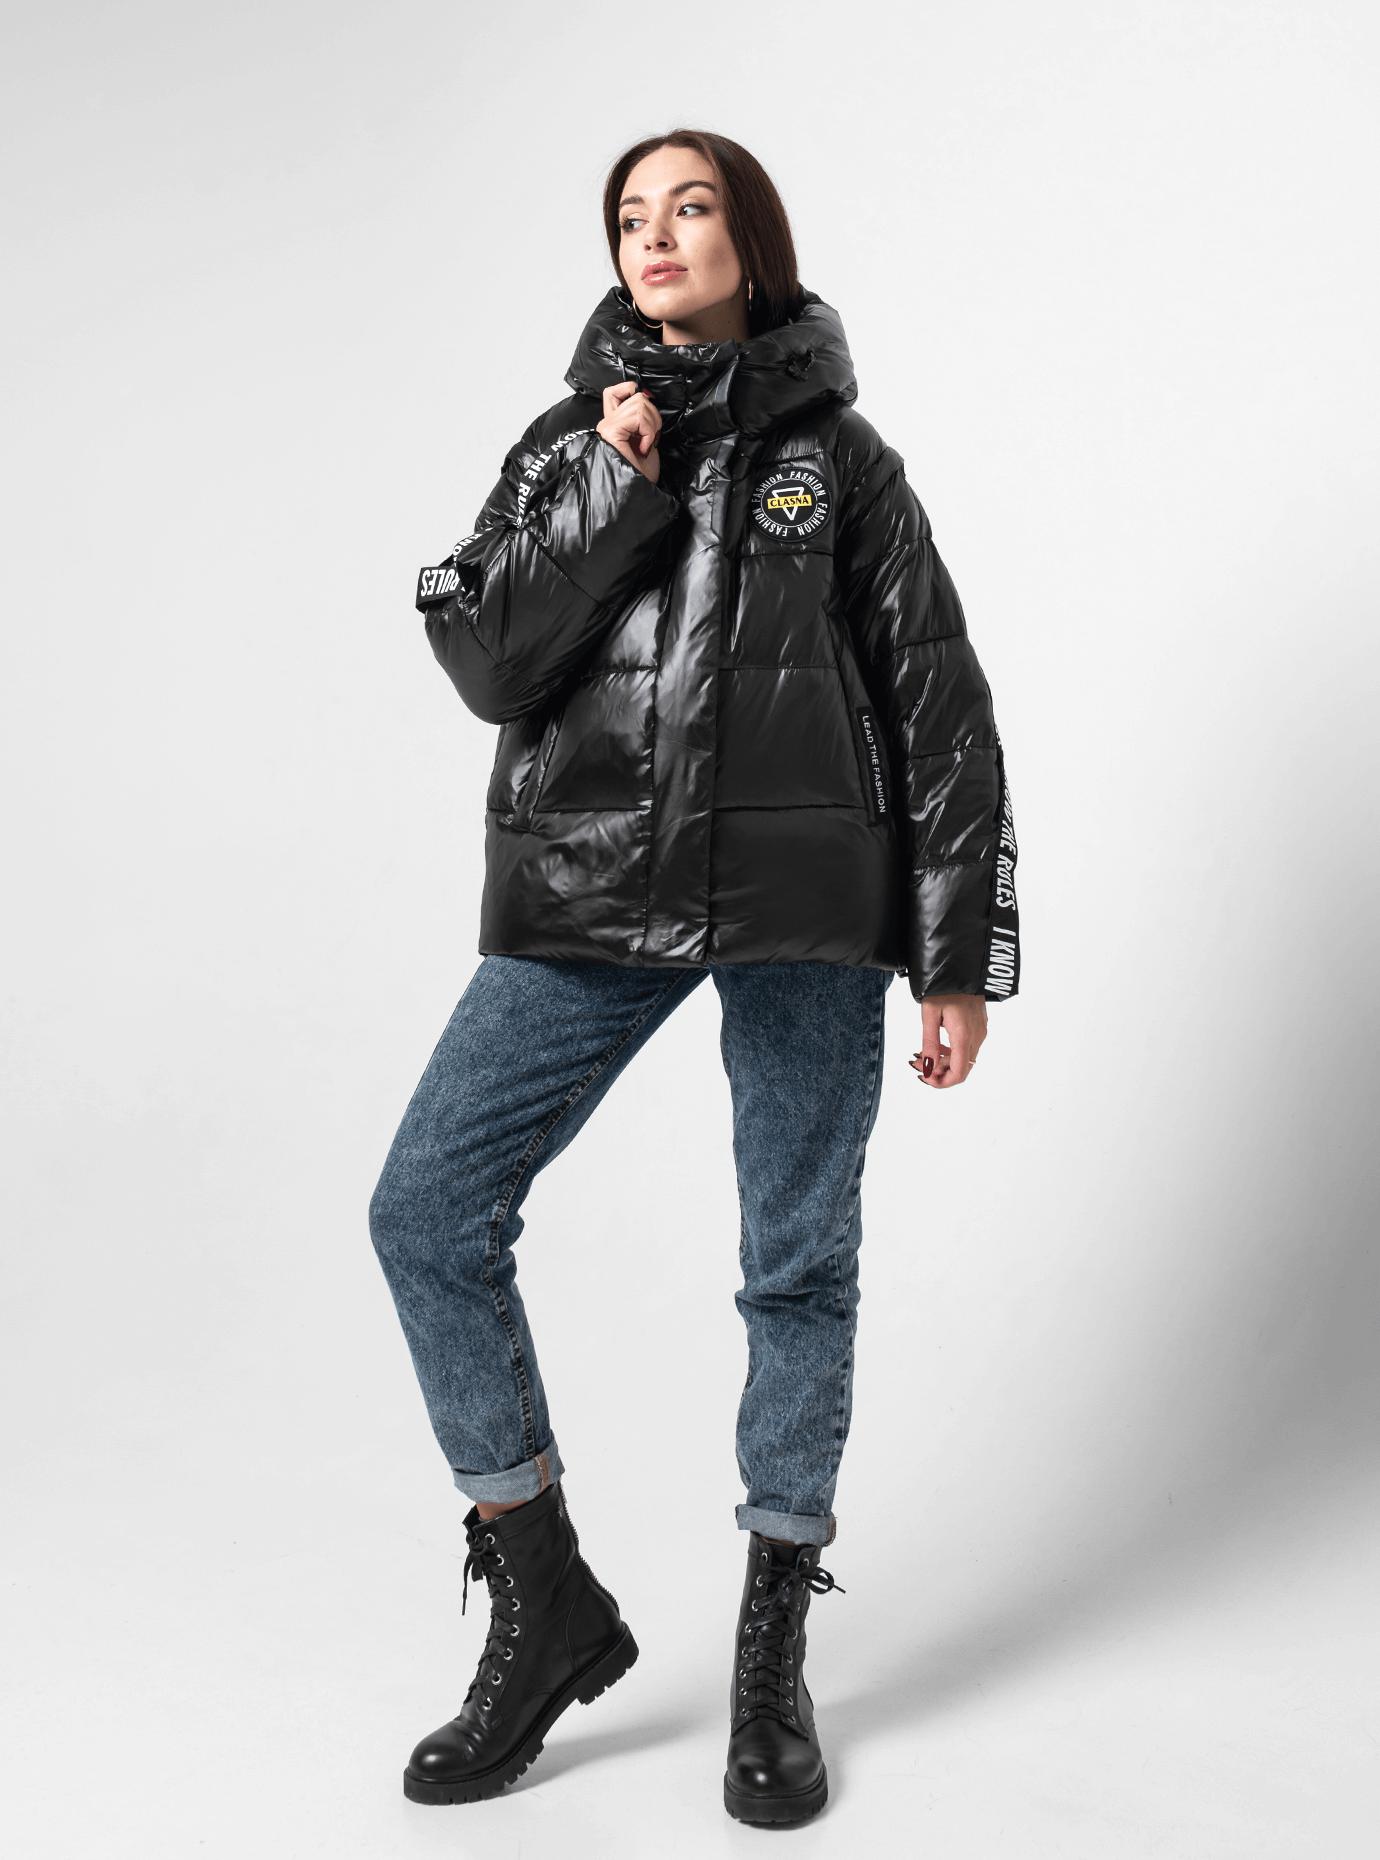 Куртка зимняя однотонная Чёрный M (02-190143): фото - Alster.ua